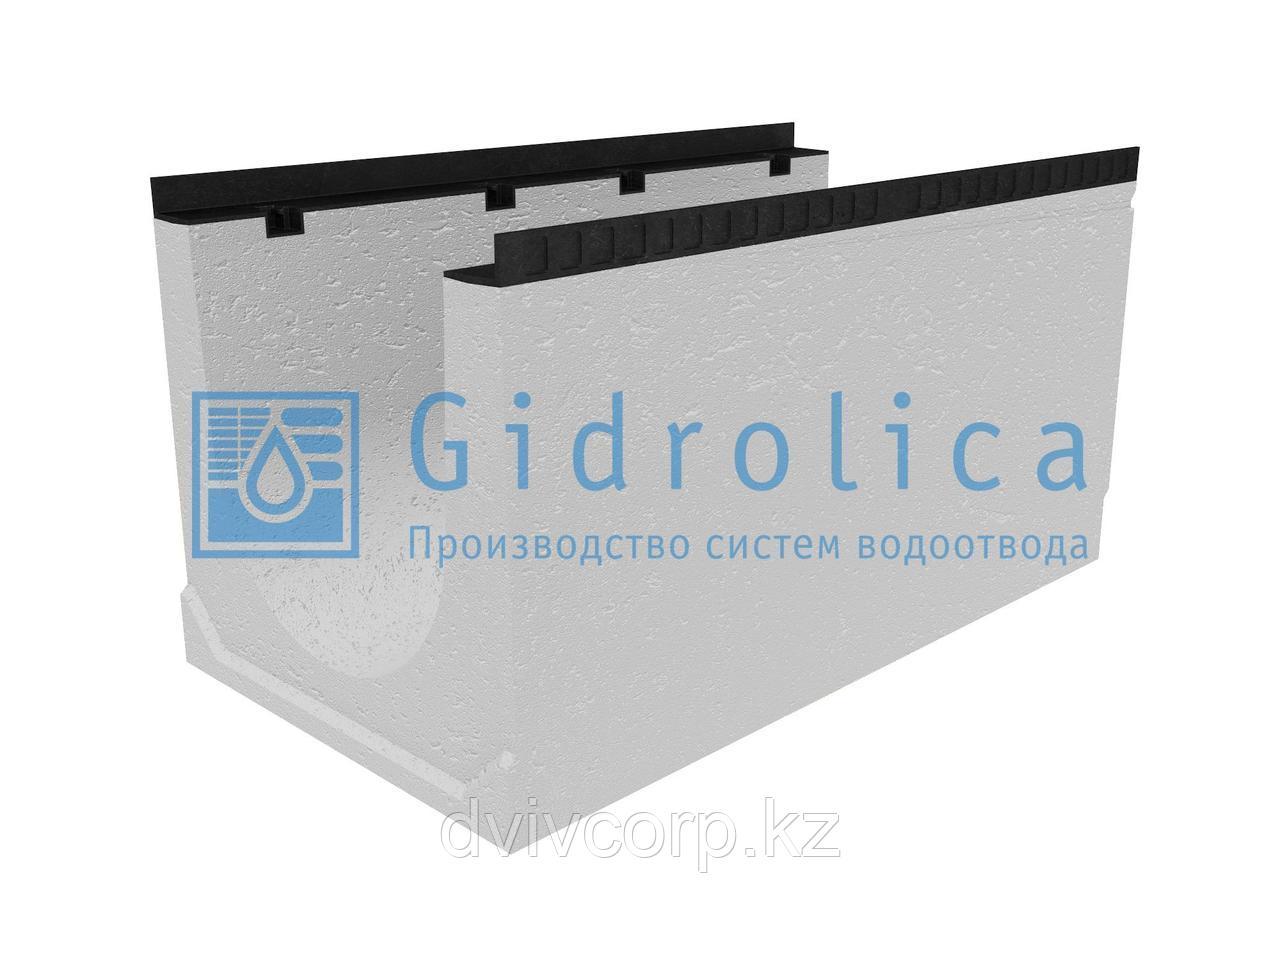 Лоток водоотводный бетонный коробчатый (СО-400мм), с уклоном 0,5%  КUу 100.54(40).53(45) - BGМ, № 16